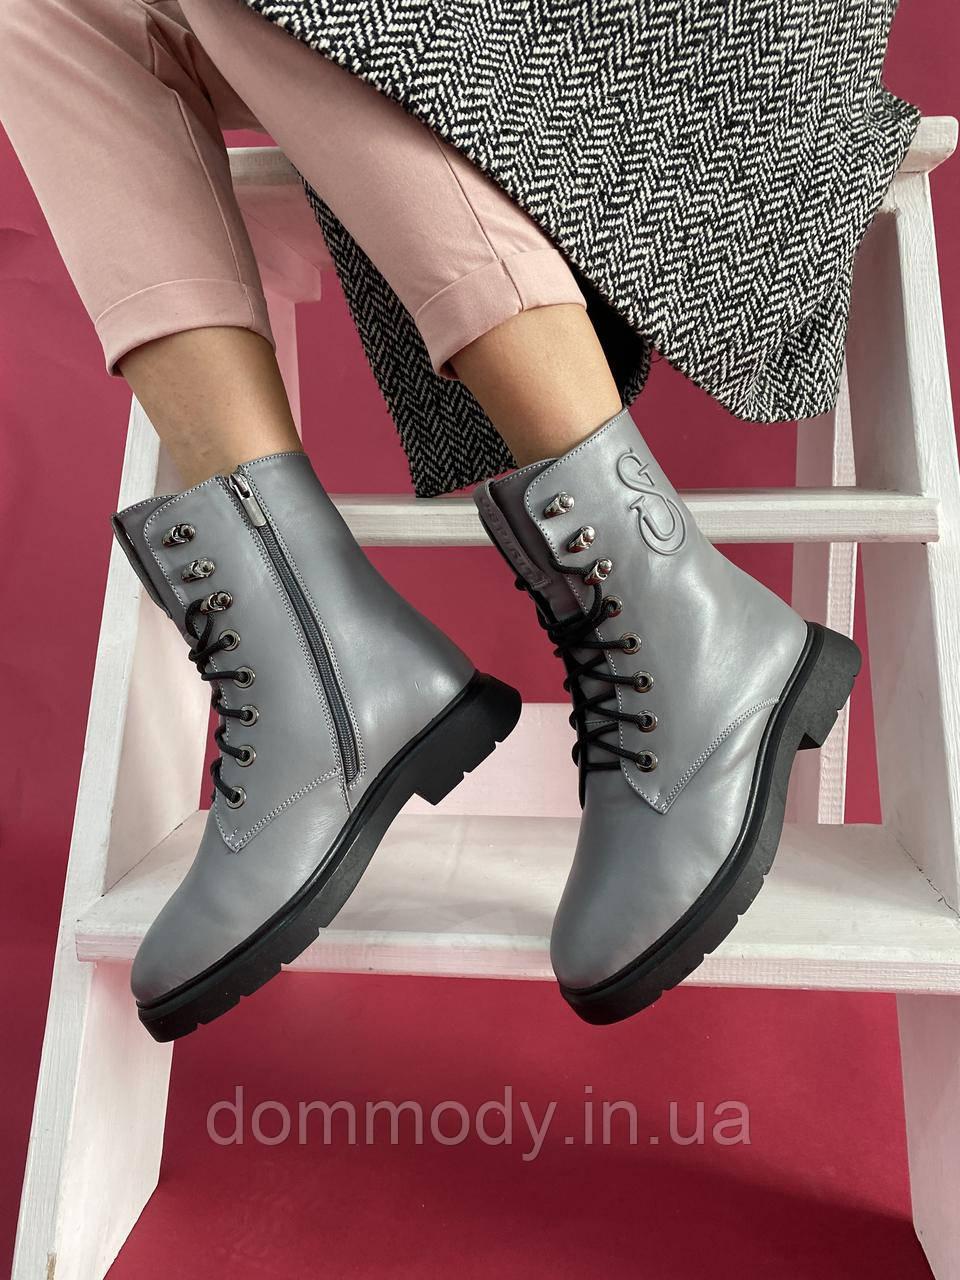 Женские зимние ботинки из кожи серого цвета